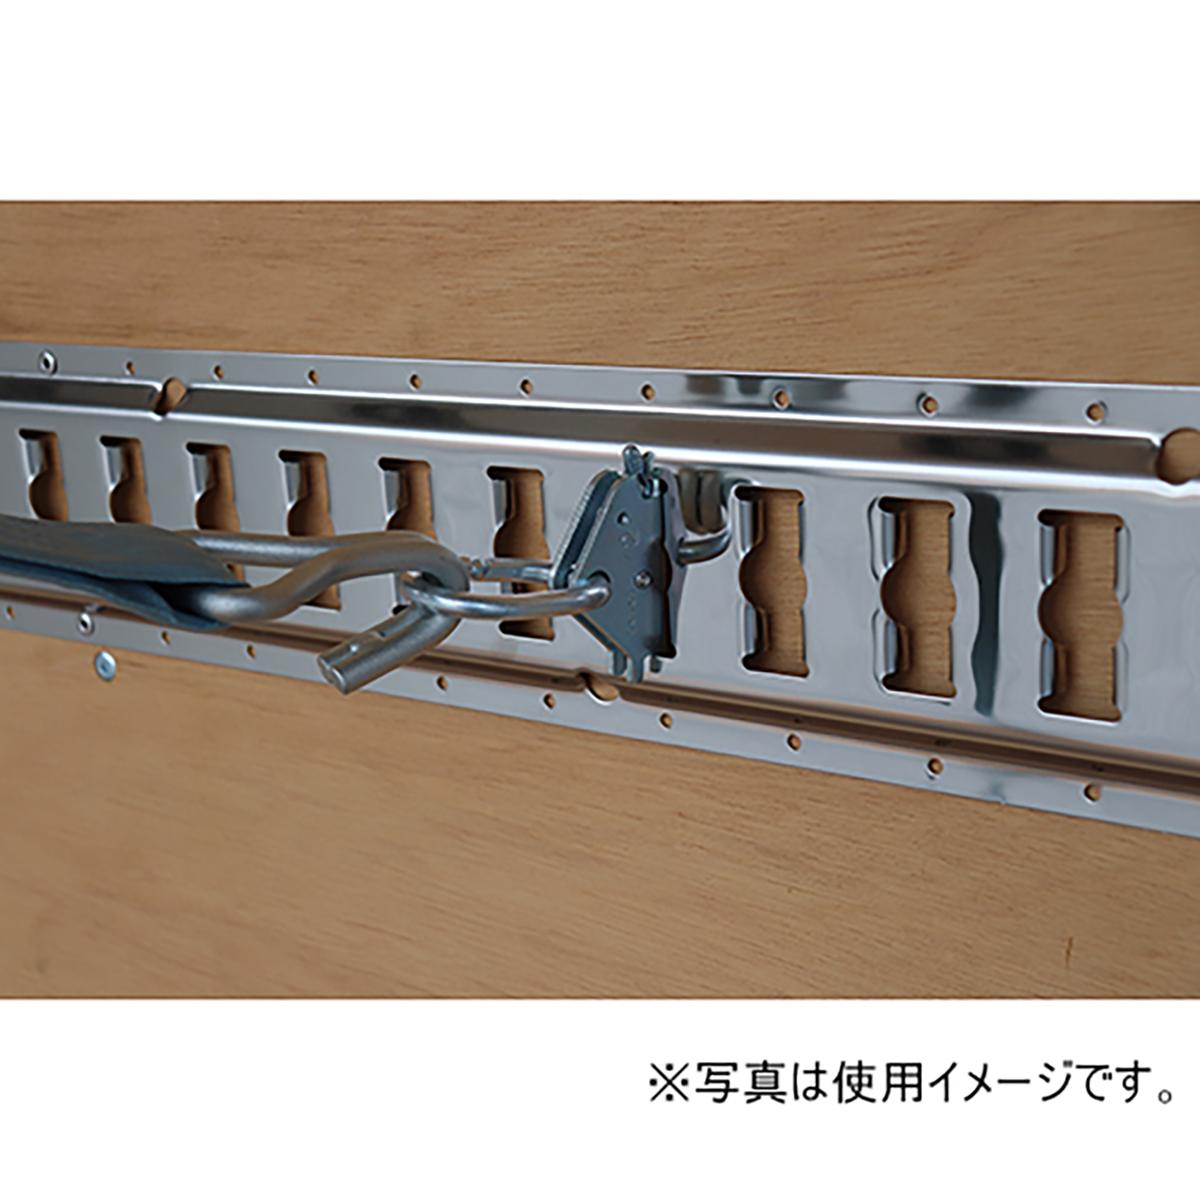 Eクリップ(丸型リング付 ショートタイプ)